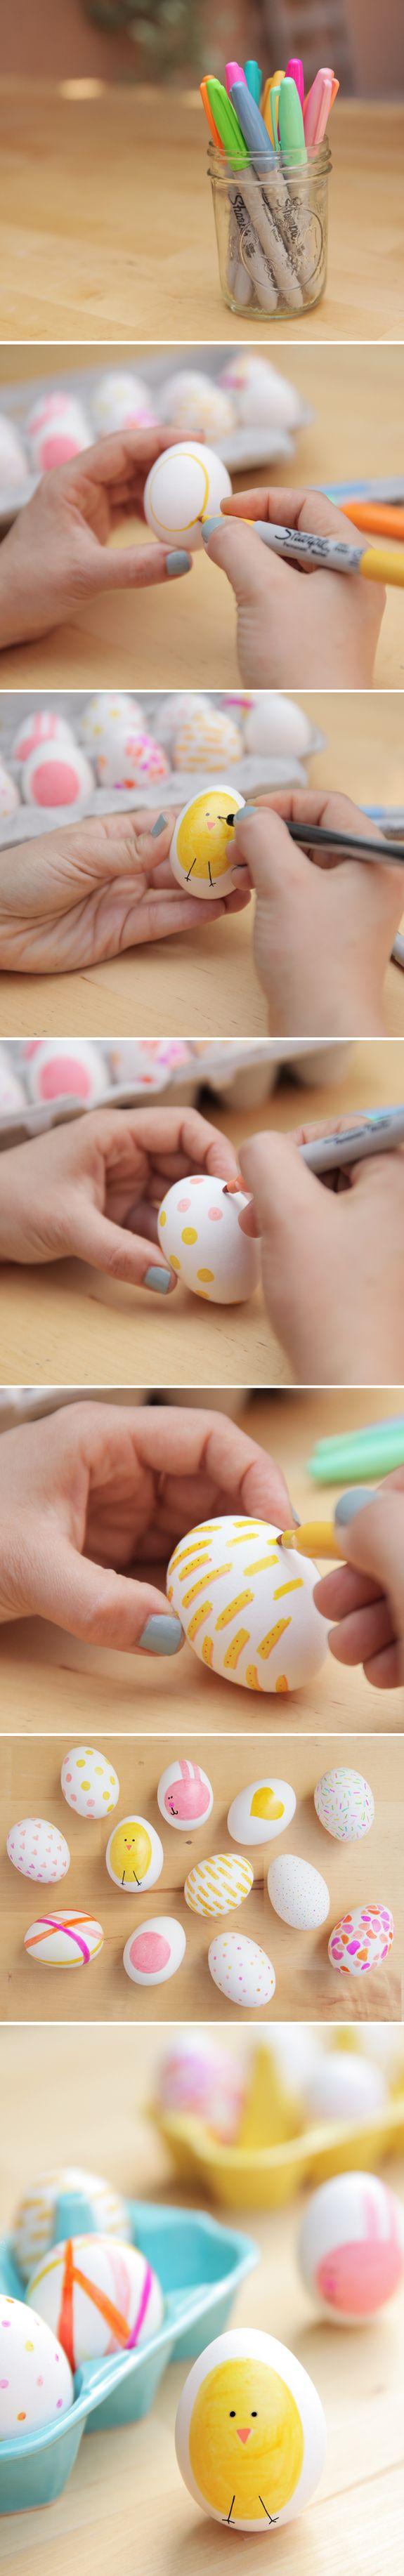 Намалювати картинки фломастерами